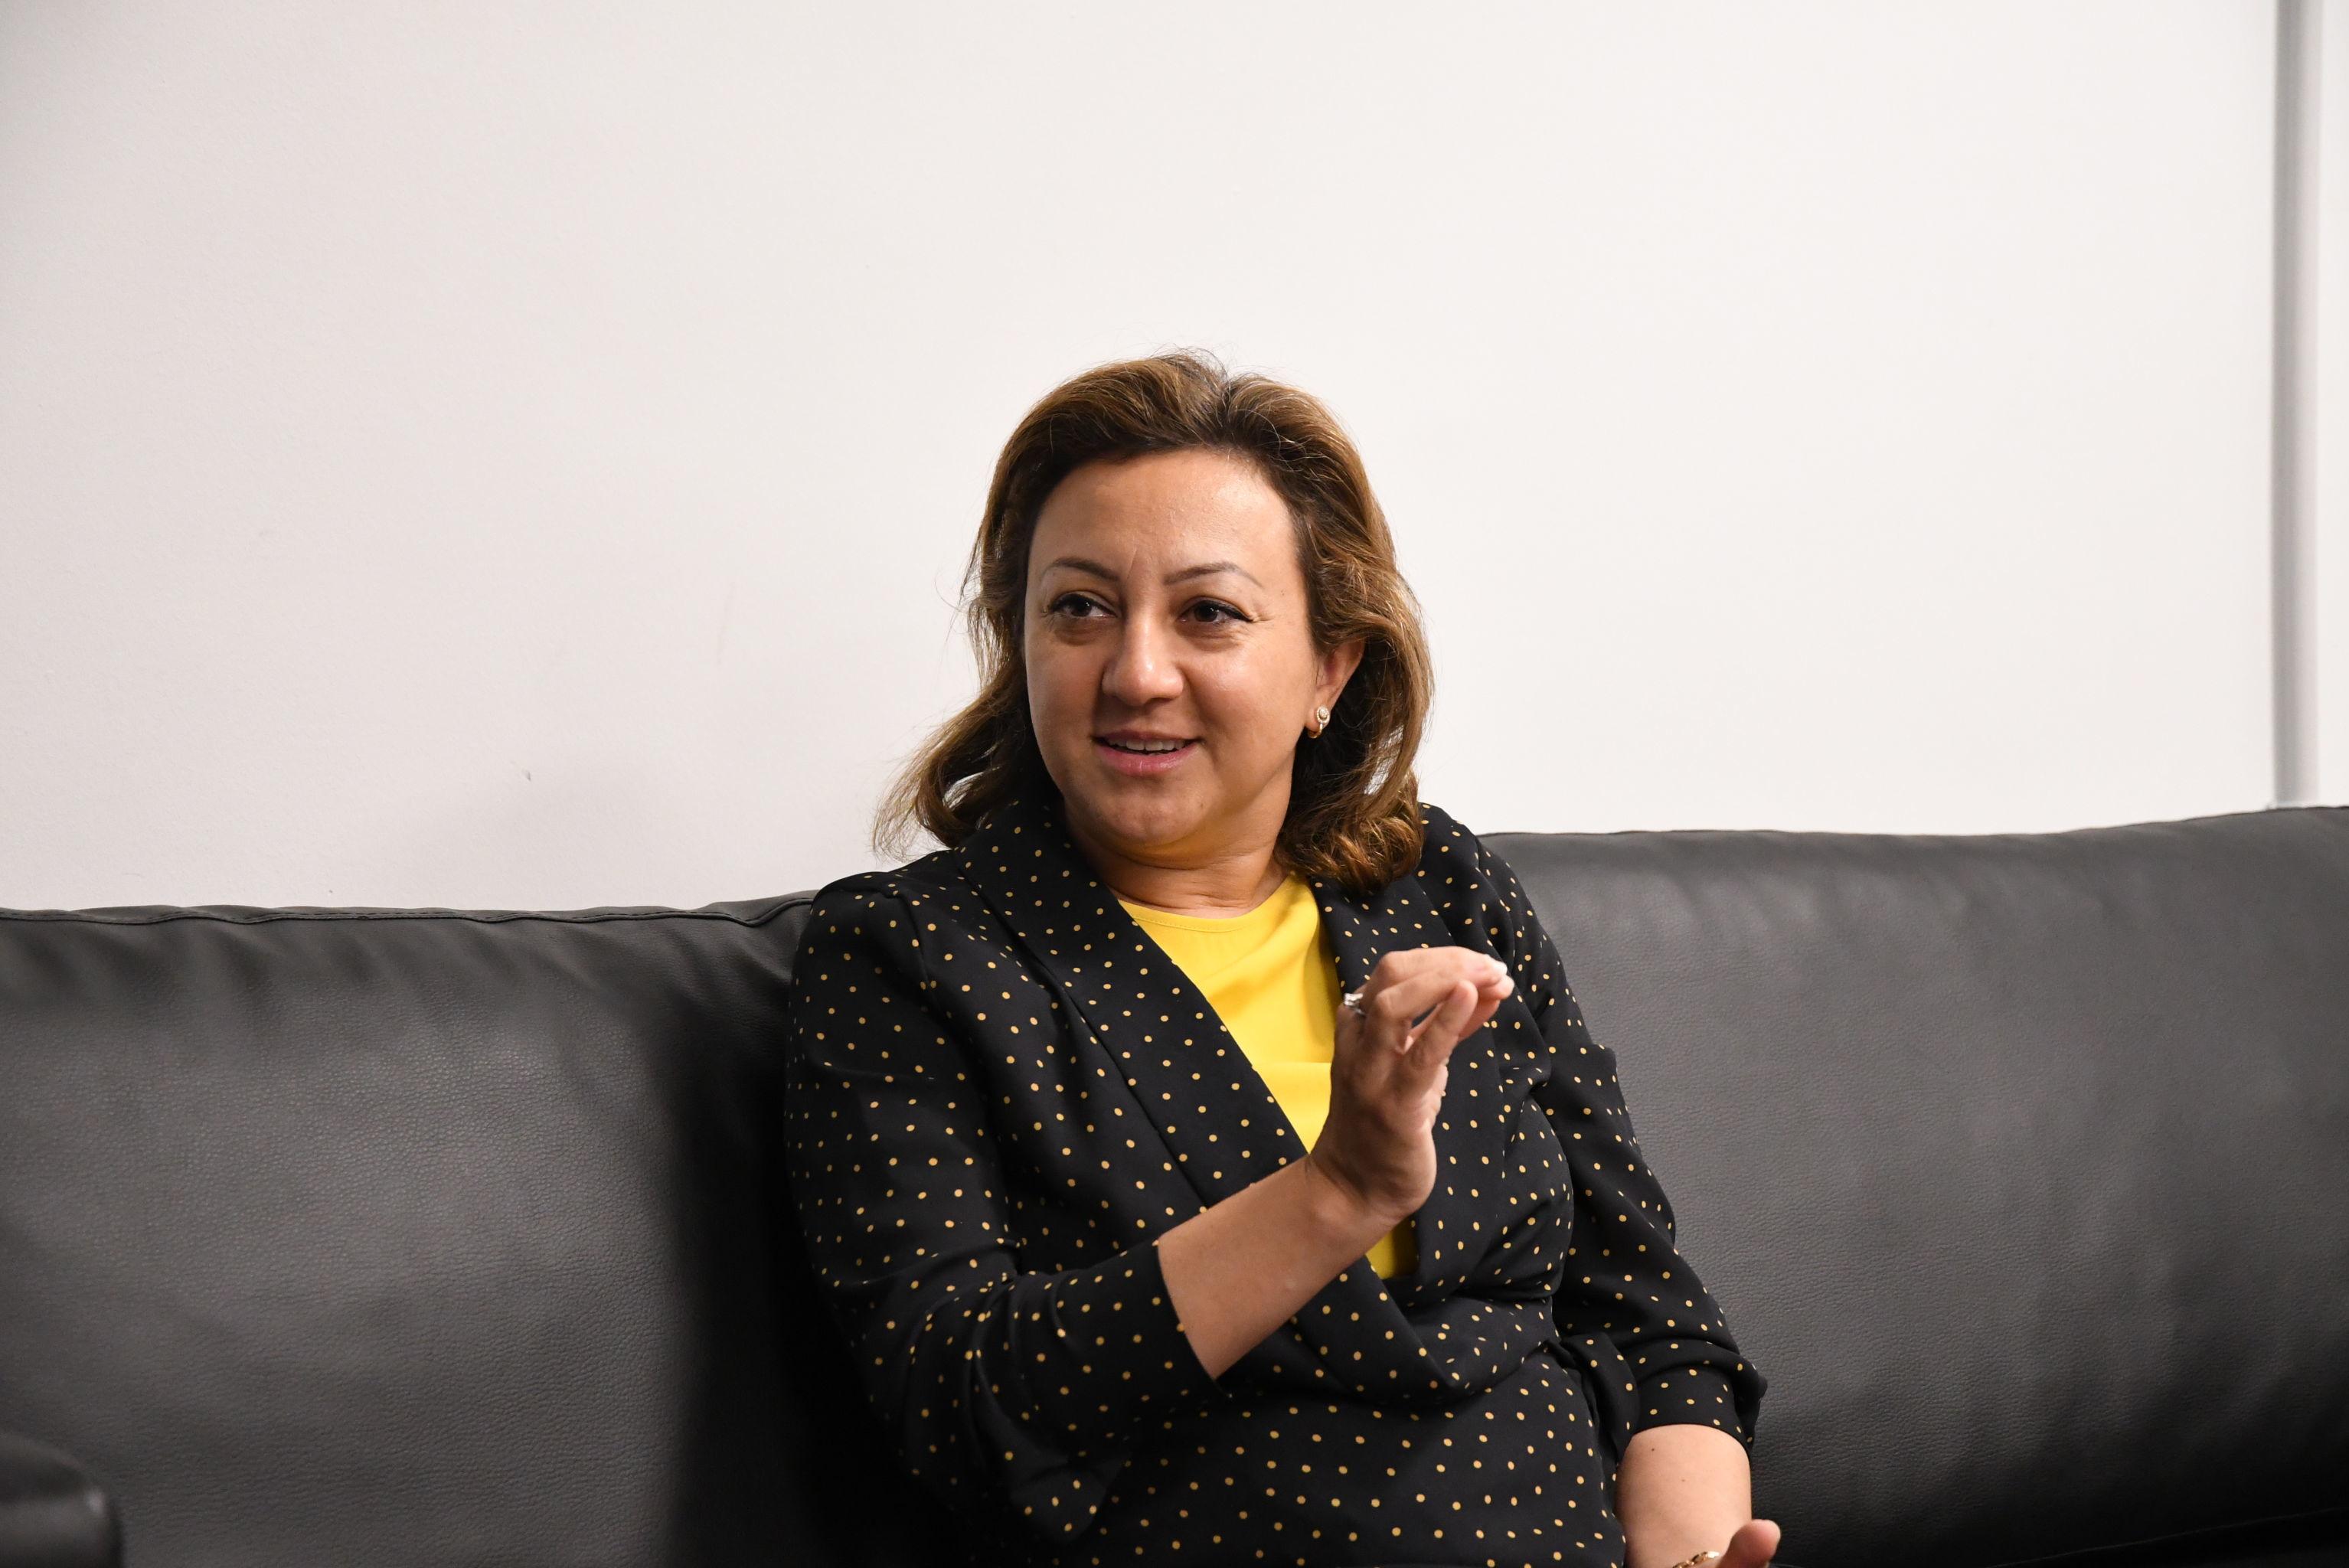 Kültür ve Turizm Bakan Yardımcısı Özgül Özkan Yavuz, Sputnik'in sorularını yanıtladı.